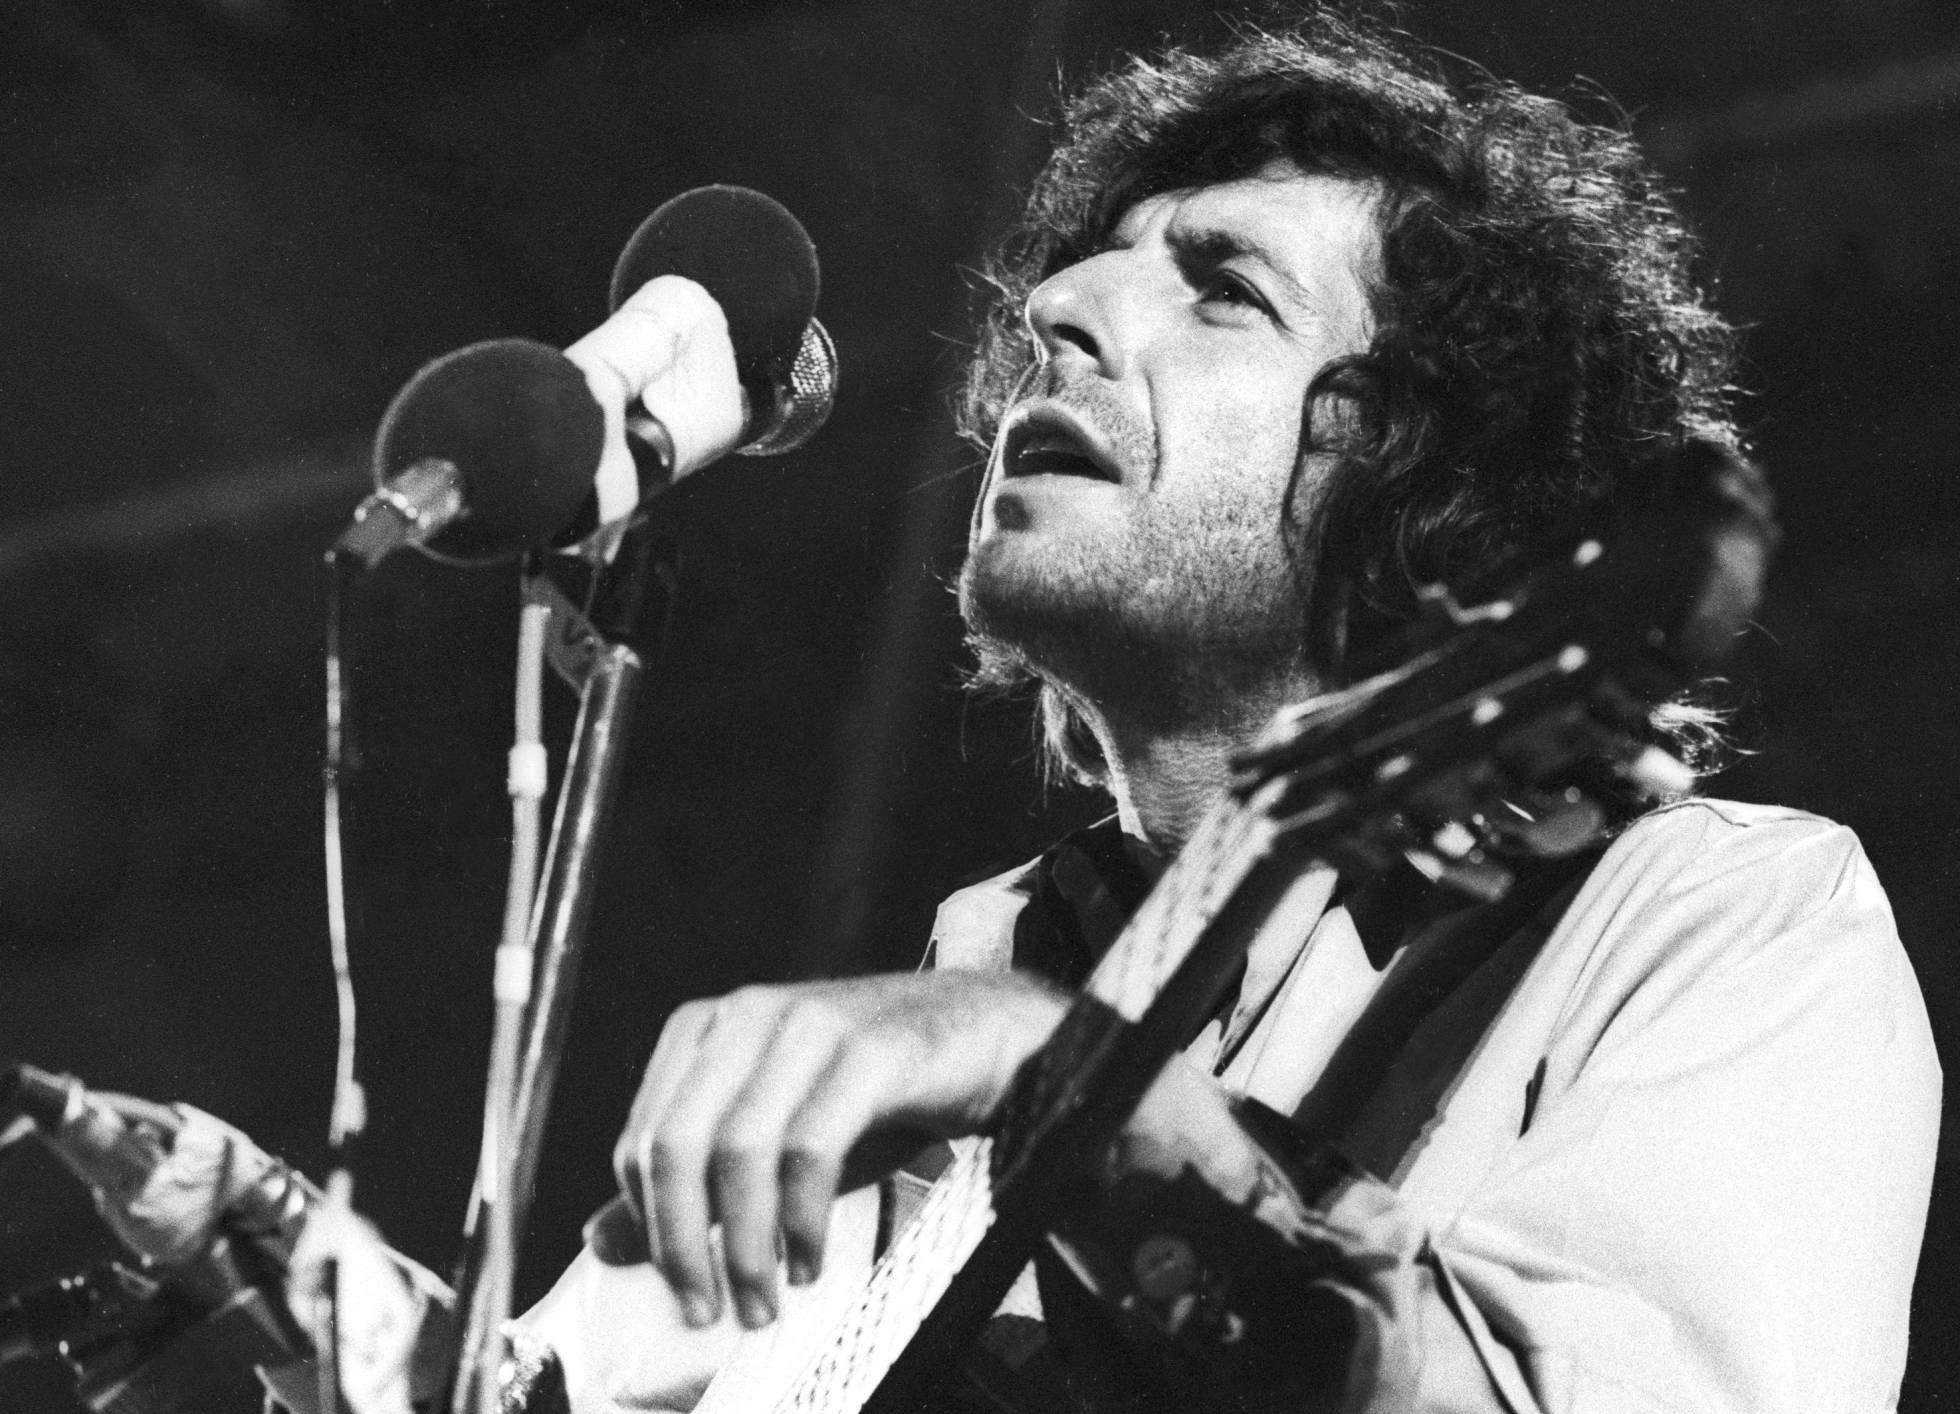 Concierto de Cohen a principios de los 70/©Cordon Press